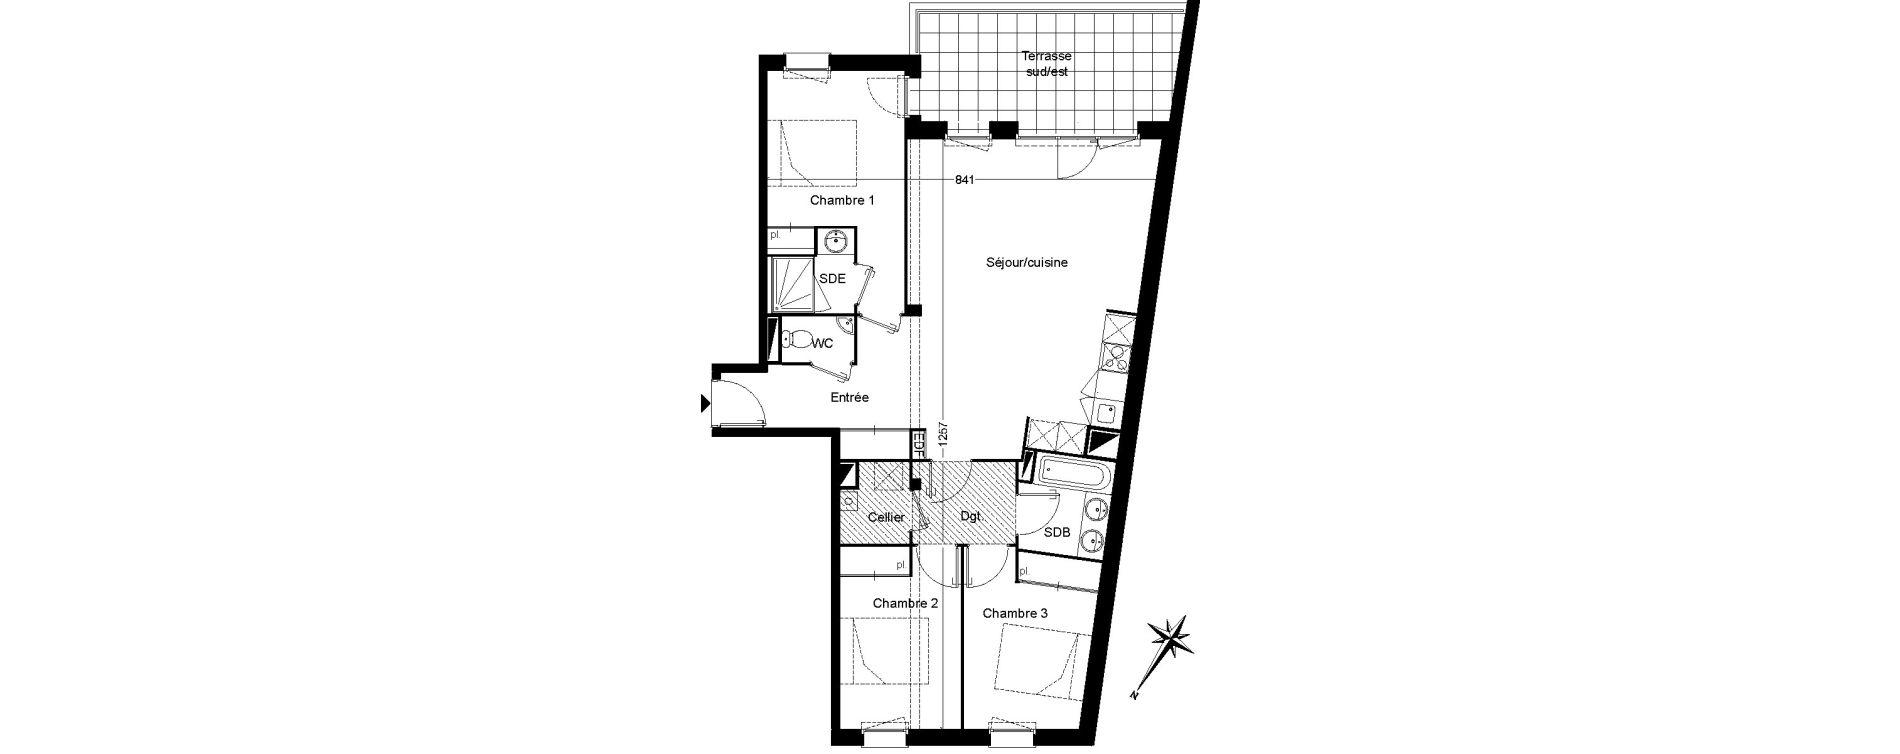 Appartement T4 de 85,97 m2 à Martignas-Sur-Jalle Centre